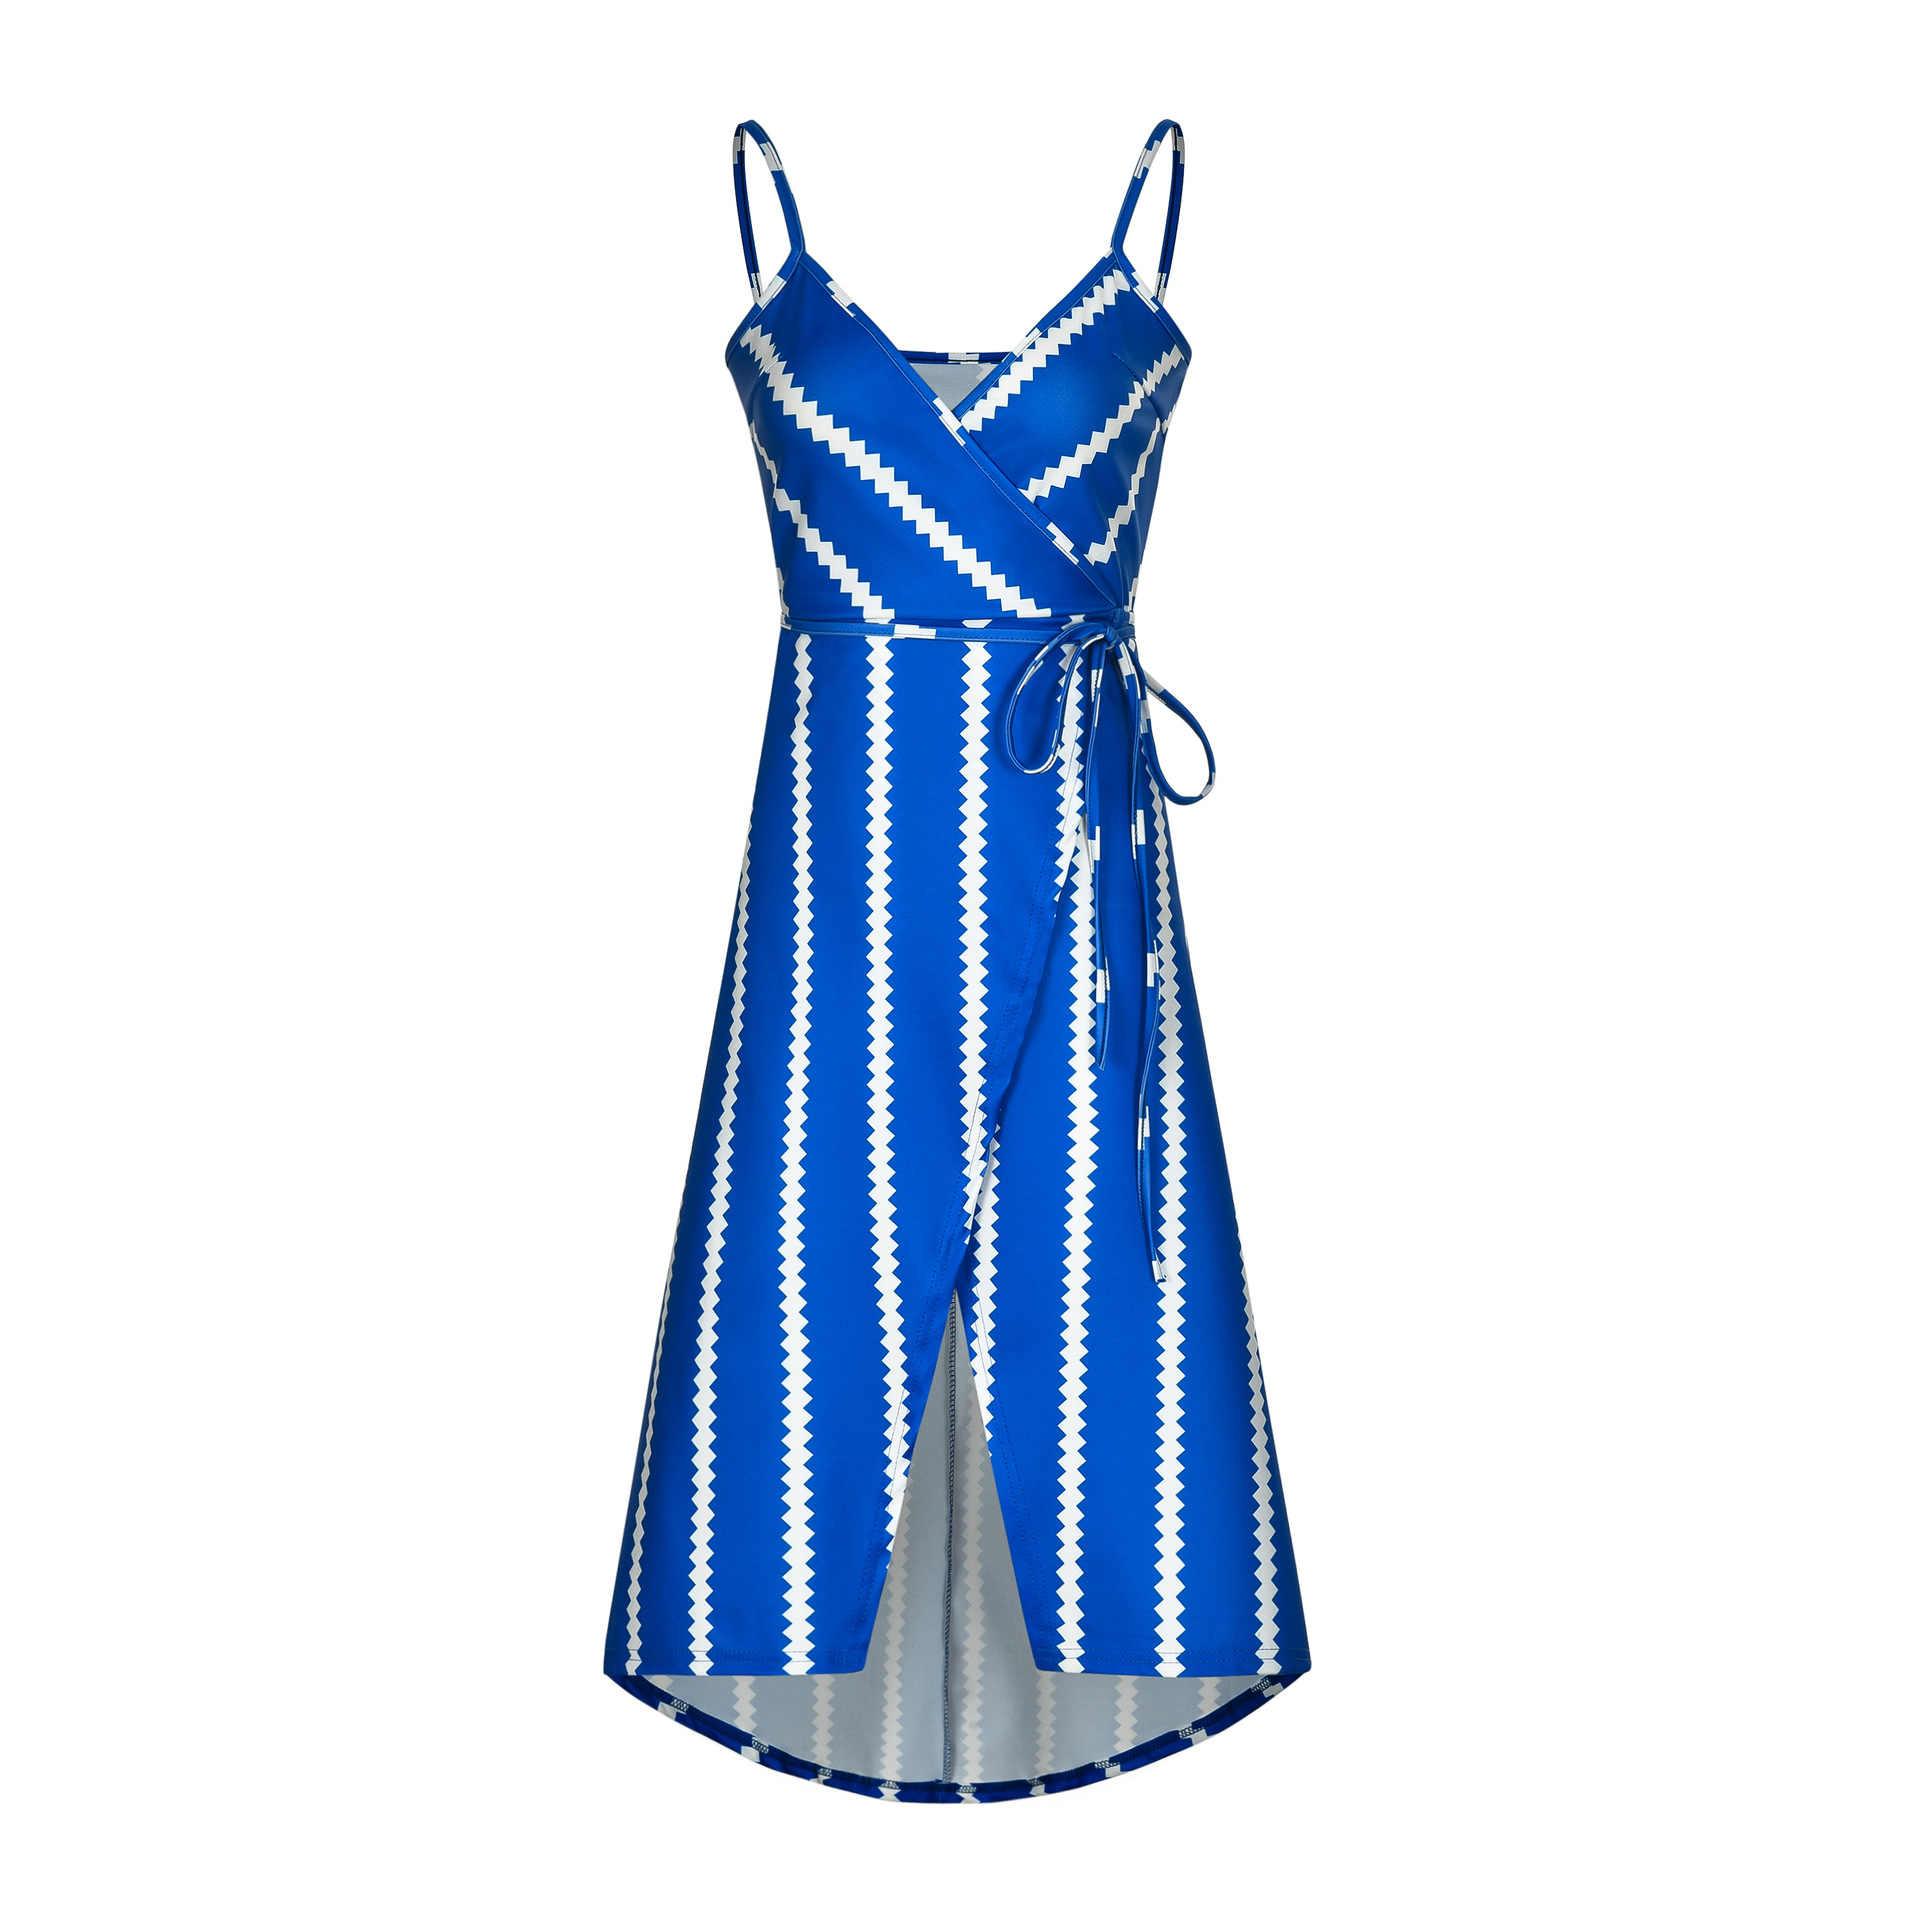 a498aabd74d6cb8 ... Vestidos 2019 синий летнее платье Для женщин Повседневное длинный  Завязывающийся пояс платья Для женщин одежда с ...